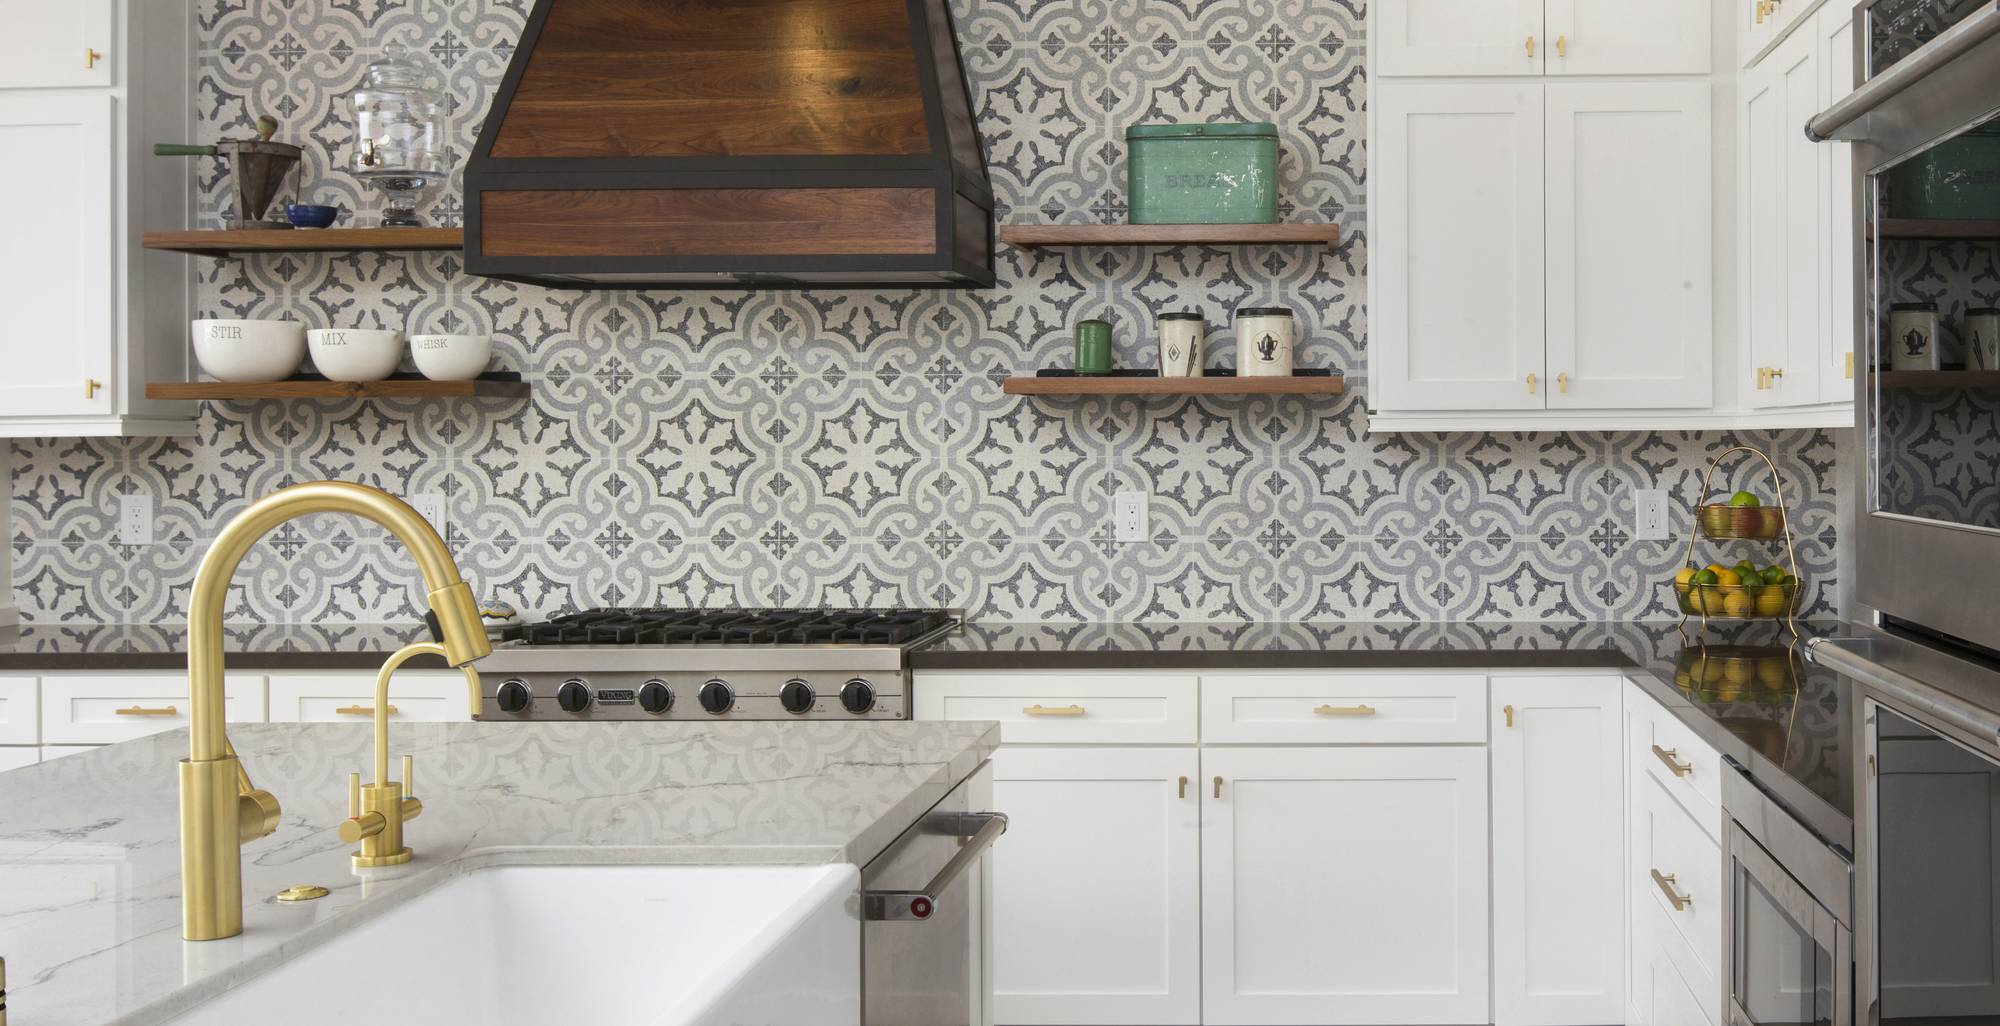 Inspirasi Tegel Motif Kunci Yang Unik Interior Dekorasi Rumah Vintage Modern